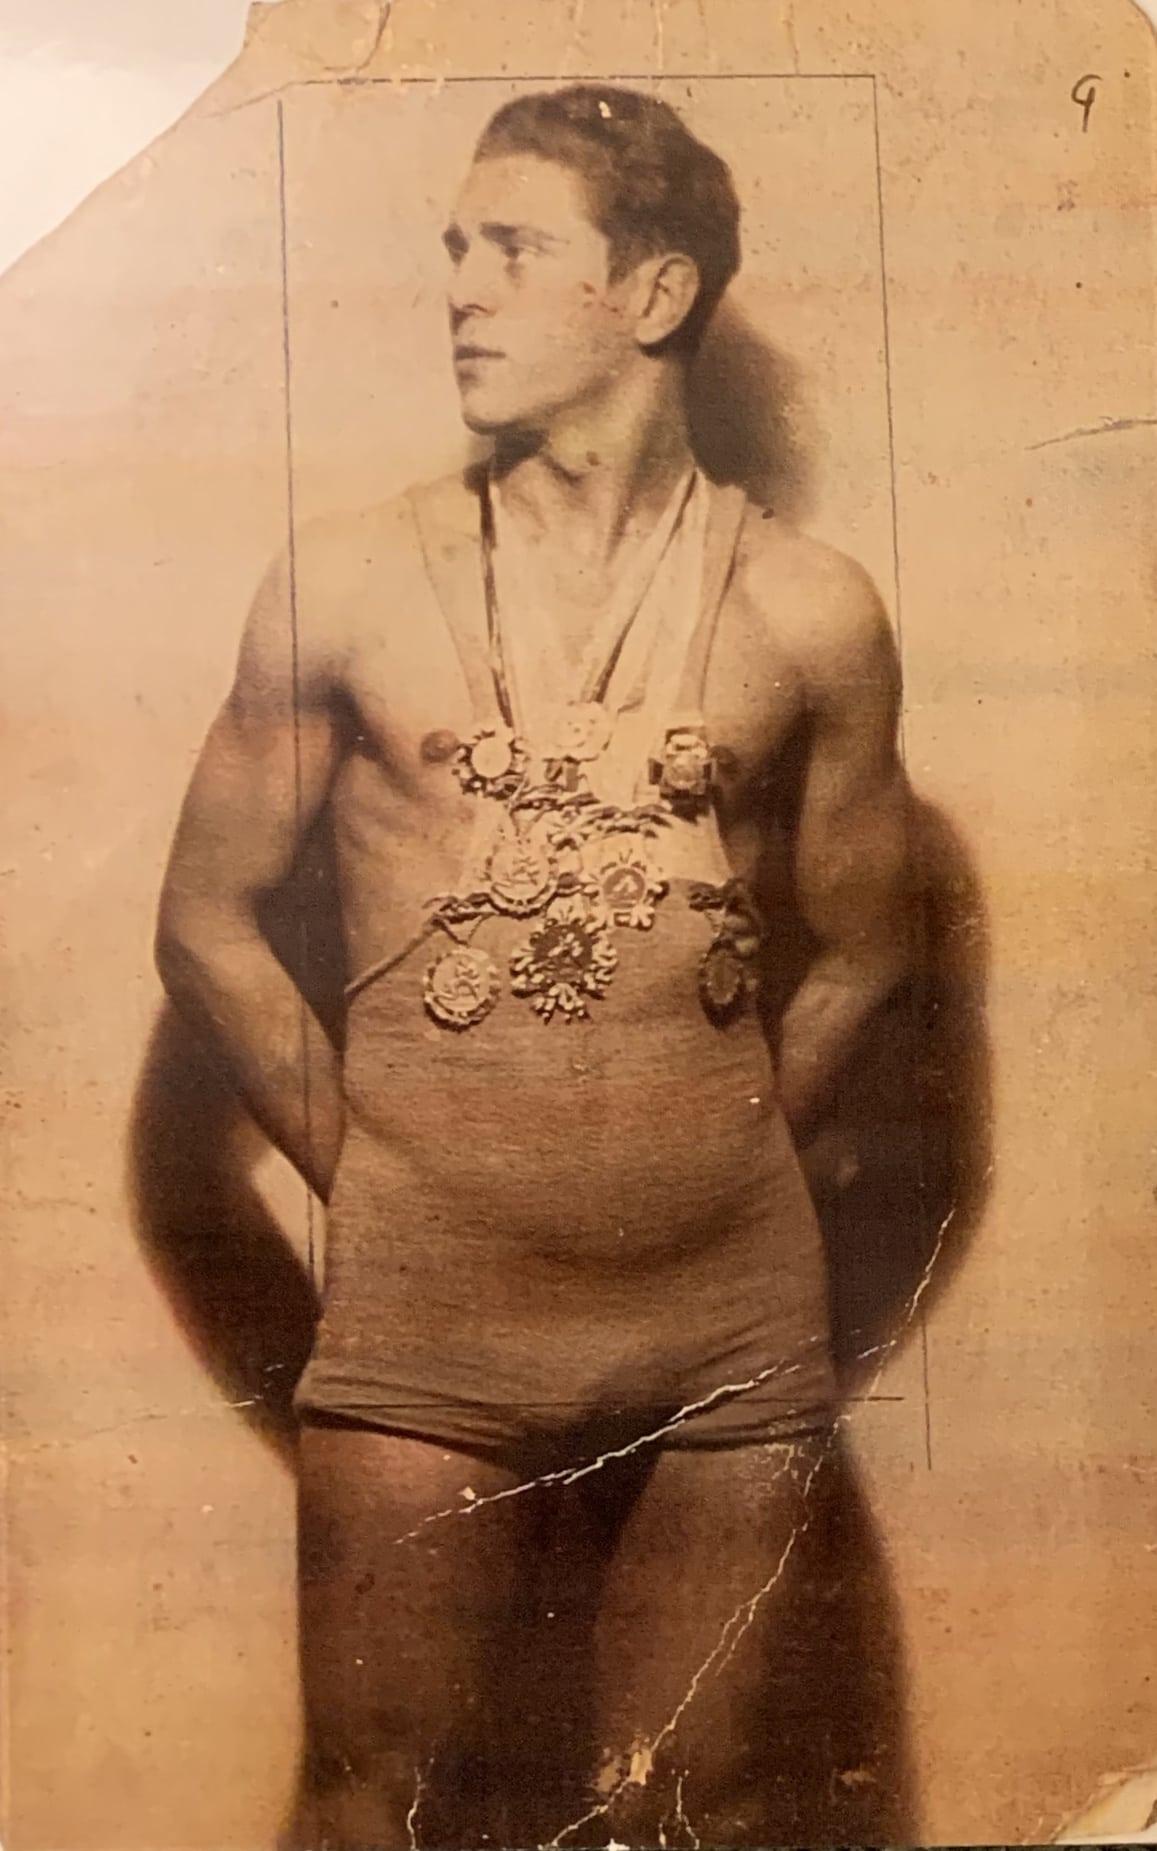 זלמן און אונרייך עונד מדליות שבהן זכה, תחילת שנות ה-30 (צילום: באדיבות דוד בר-און)